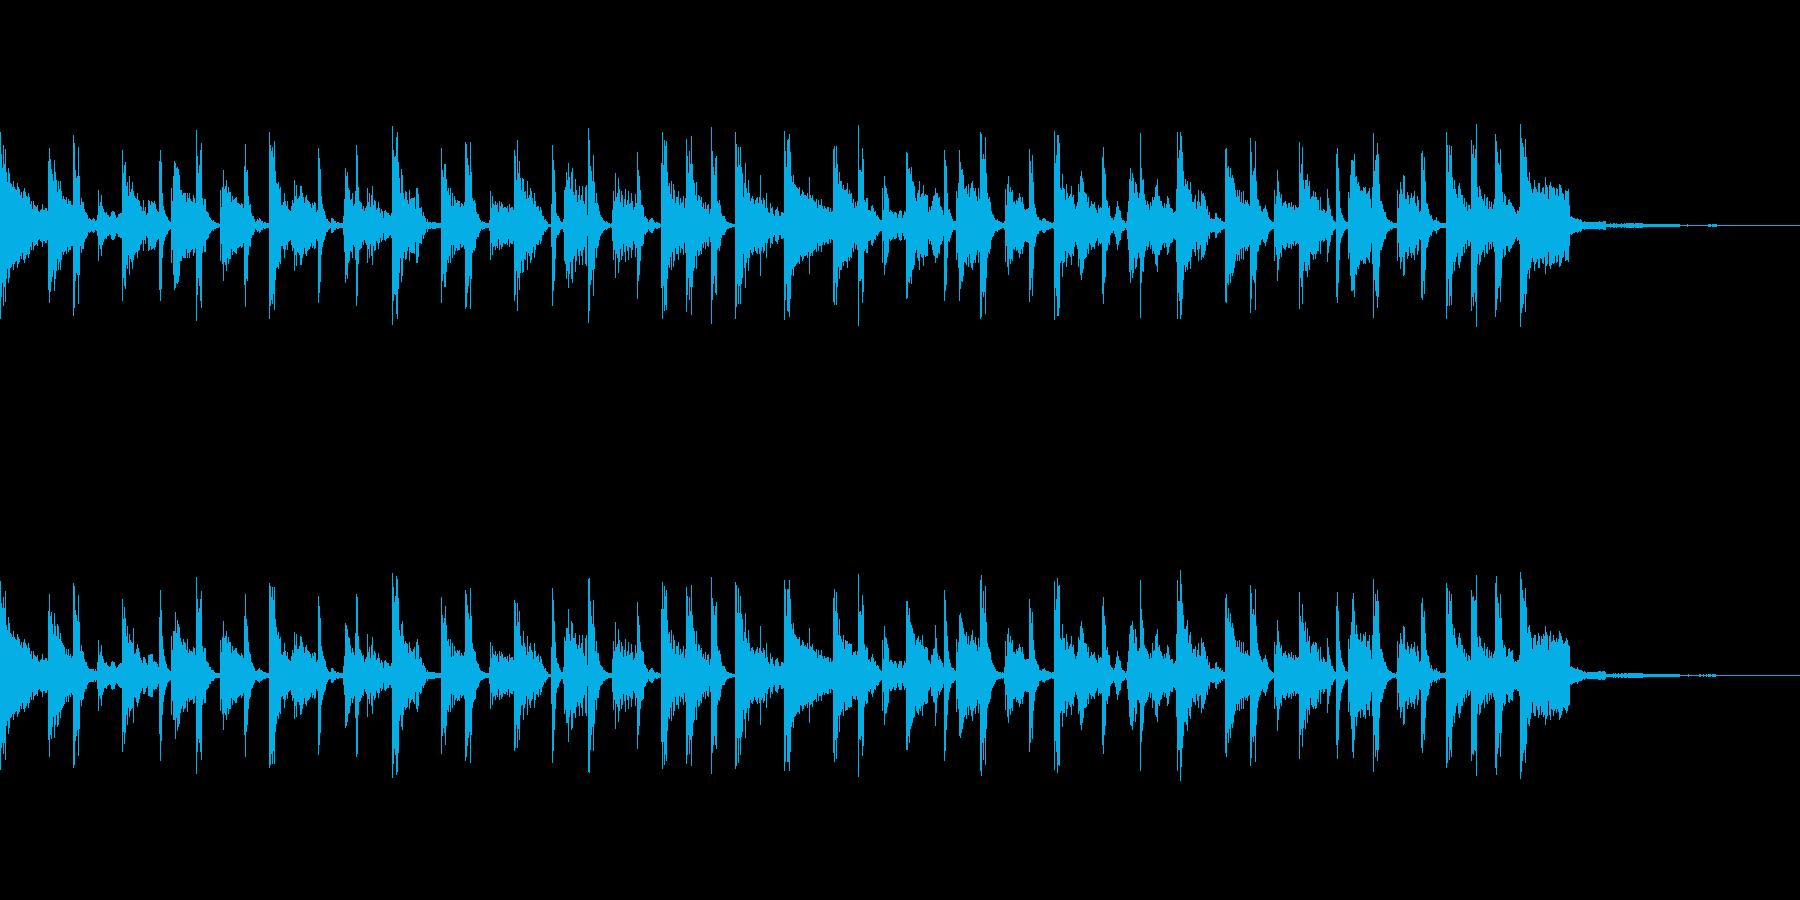 ワクワクするBGMの再生済みの波形